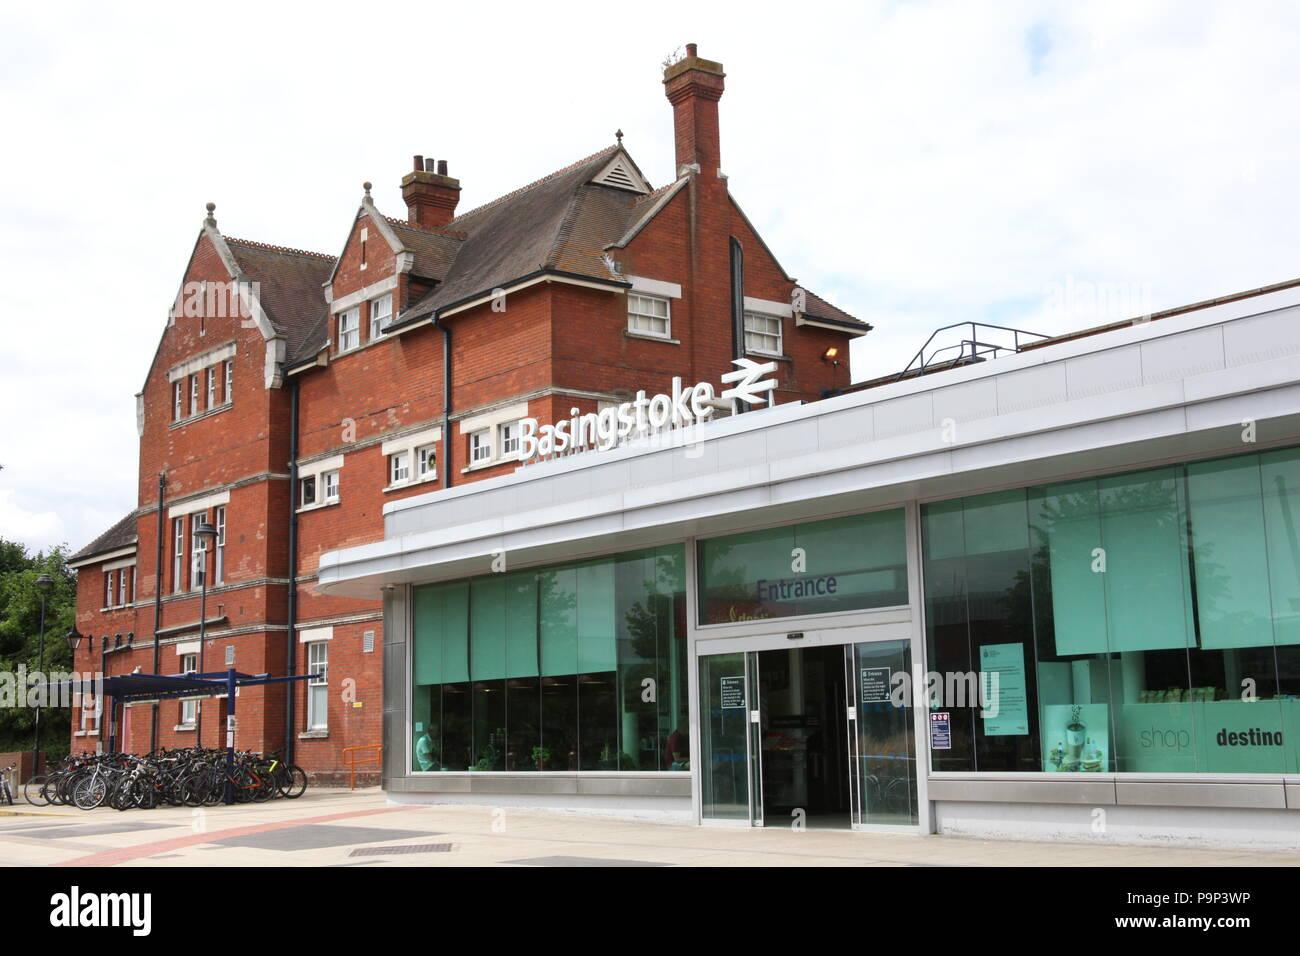 Basingstoke's Railway Station, UK. - Stock Image